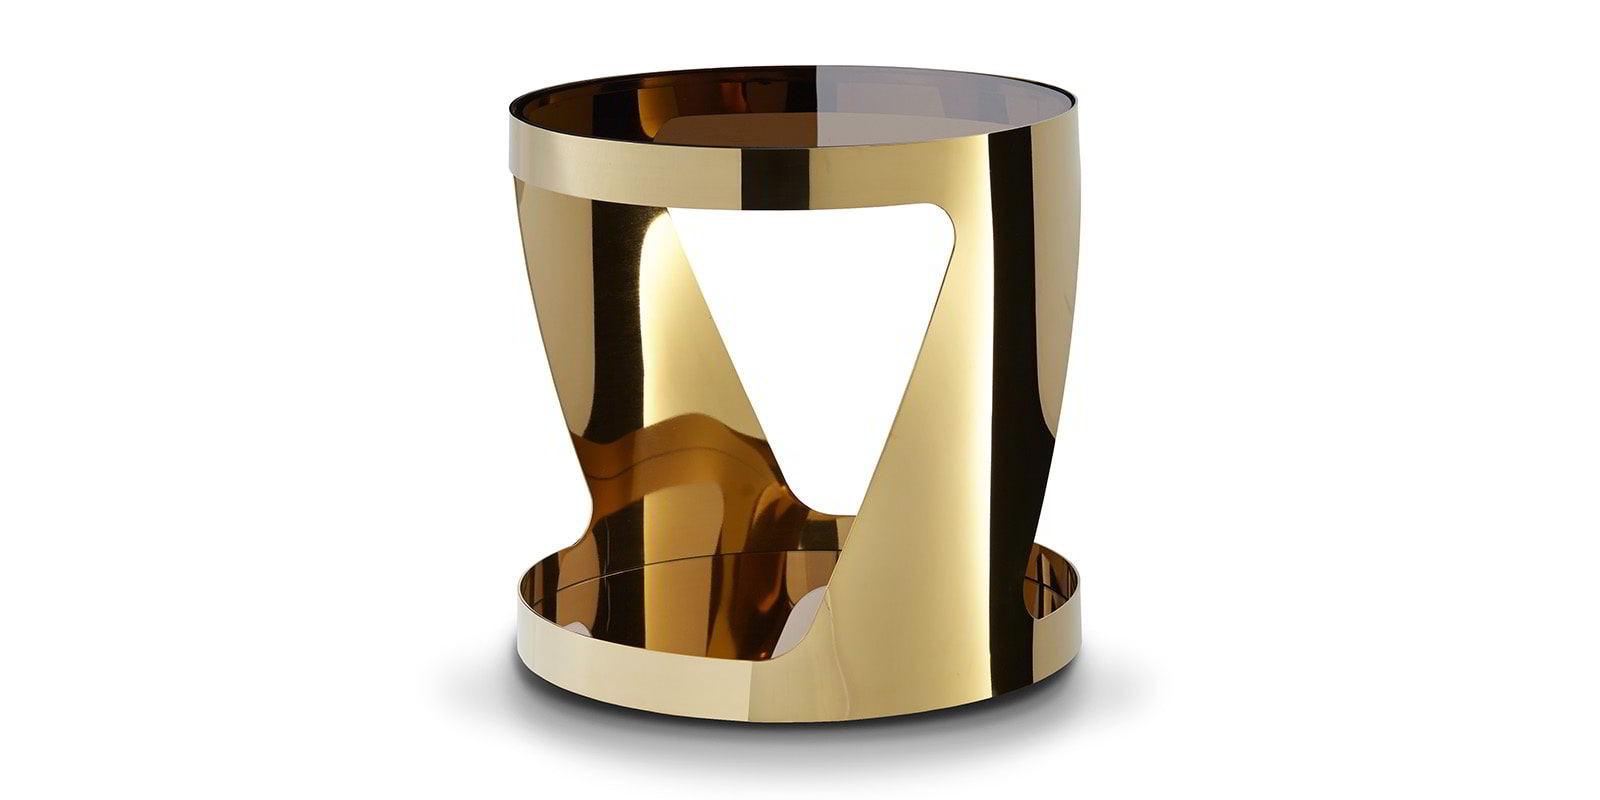 couchtisch rund gold couchtisch oval holz wei hochglanz. Black Bedroom Furniture Sets. Home Design Ideas